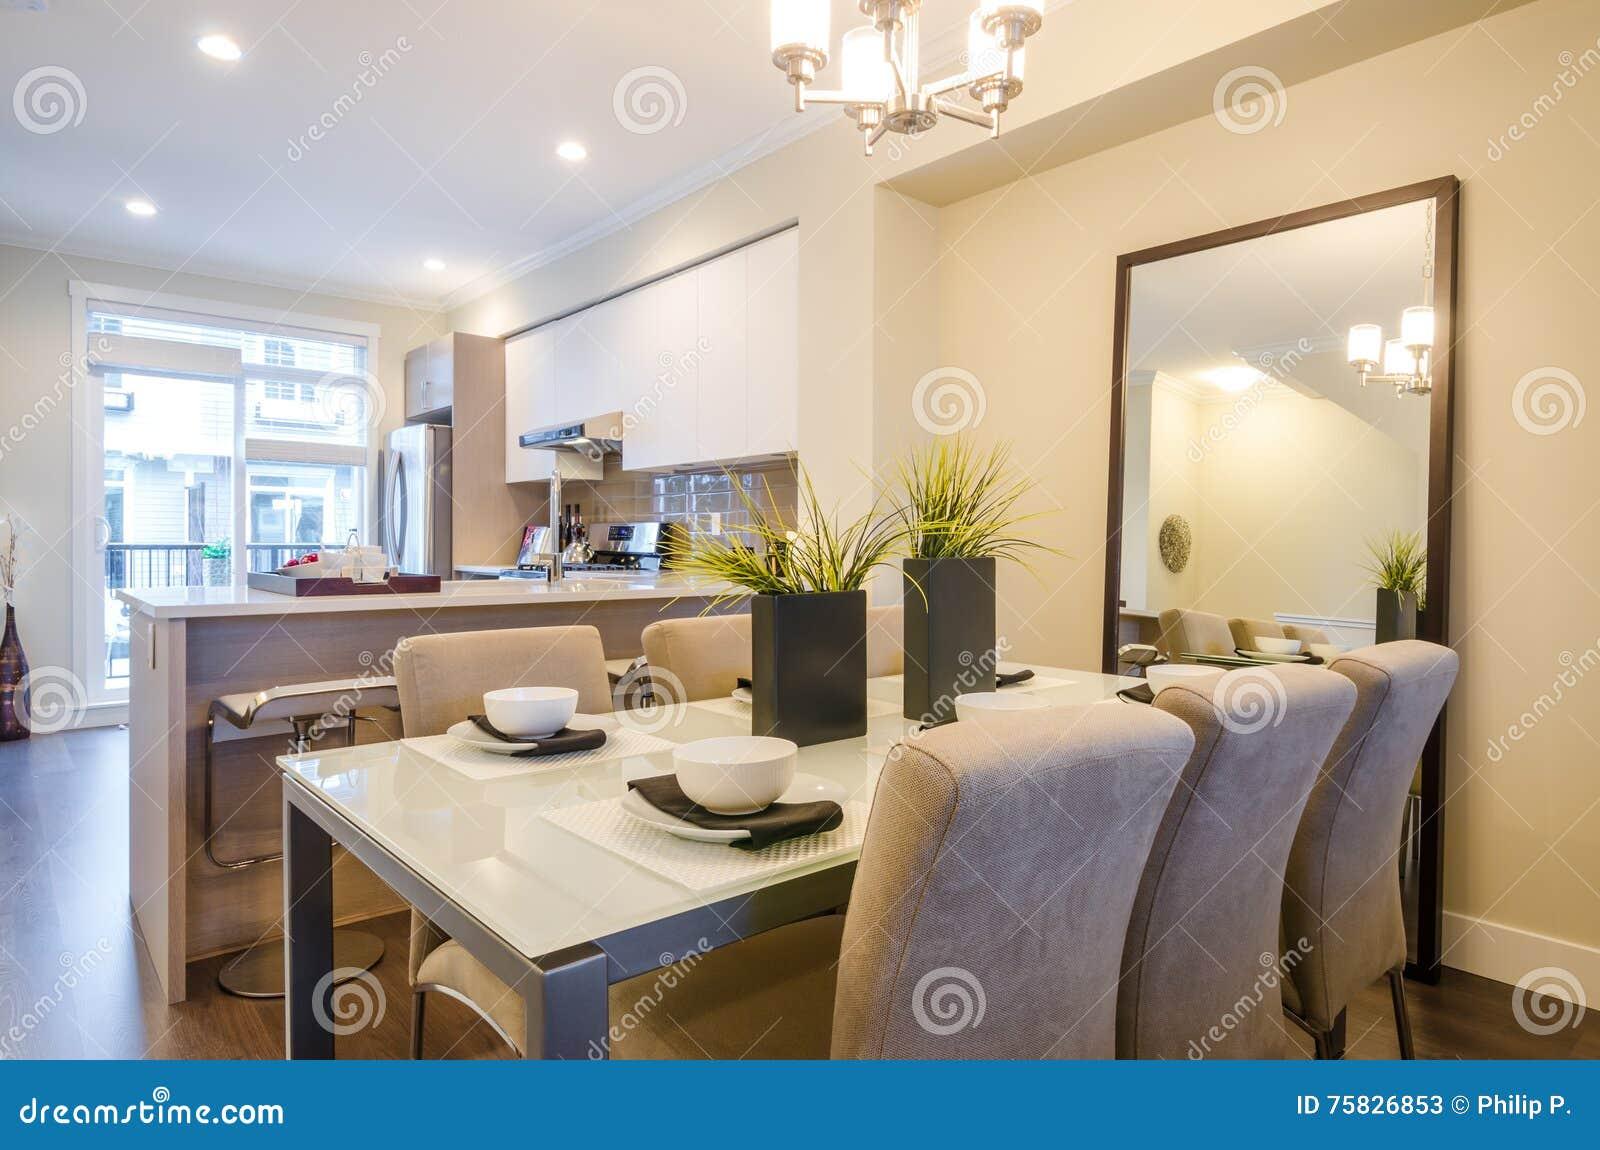 Download Modernes Esszimmer In Einem Luxushaus Stockbild   Bild Von Dekor,  Geräte: 75826853